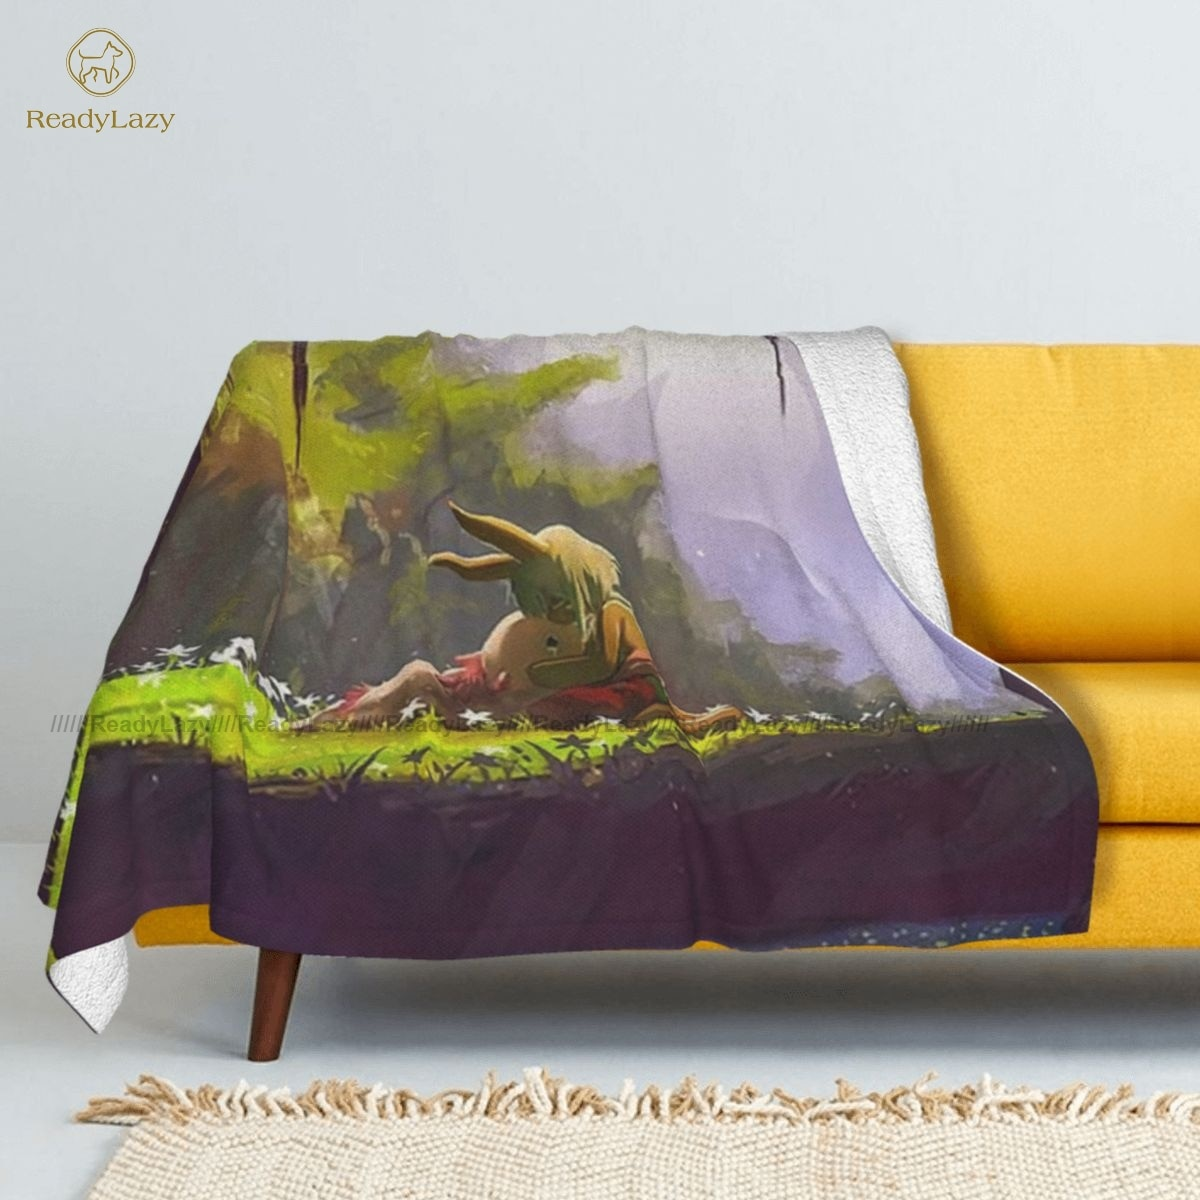 بطانية مصنوعة من الصوف للأريكة ، مفرش سرير ناعم ومريح ، شيربا